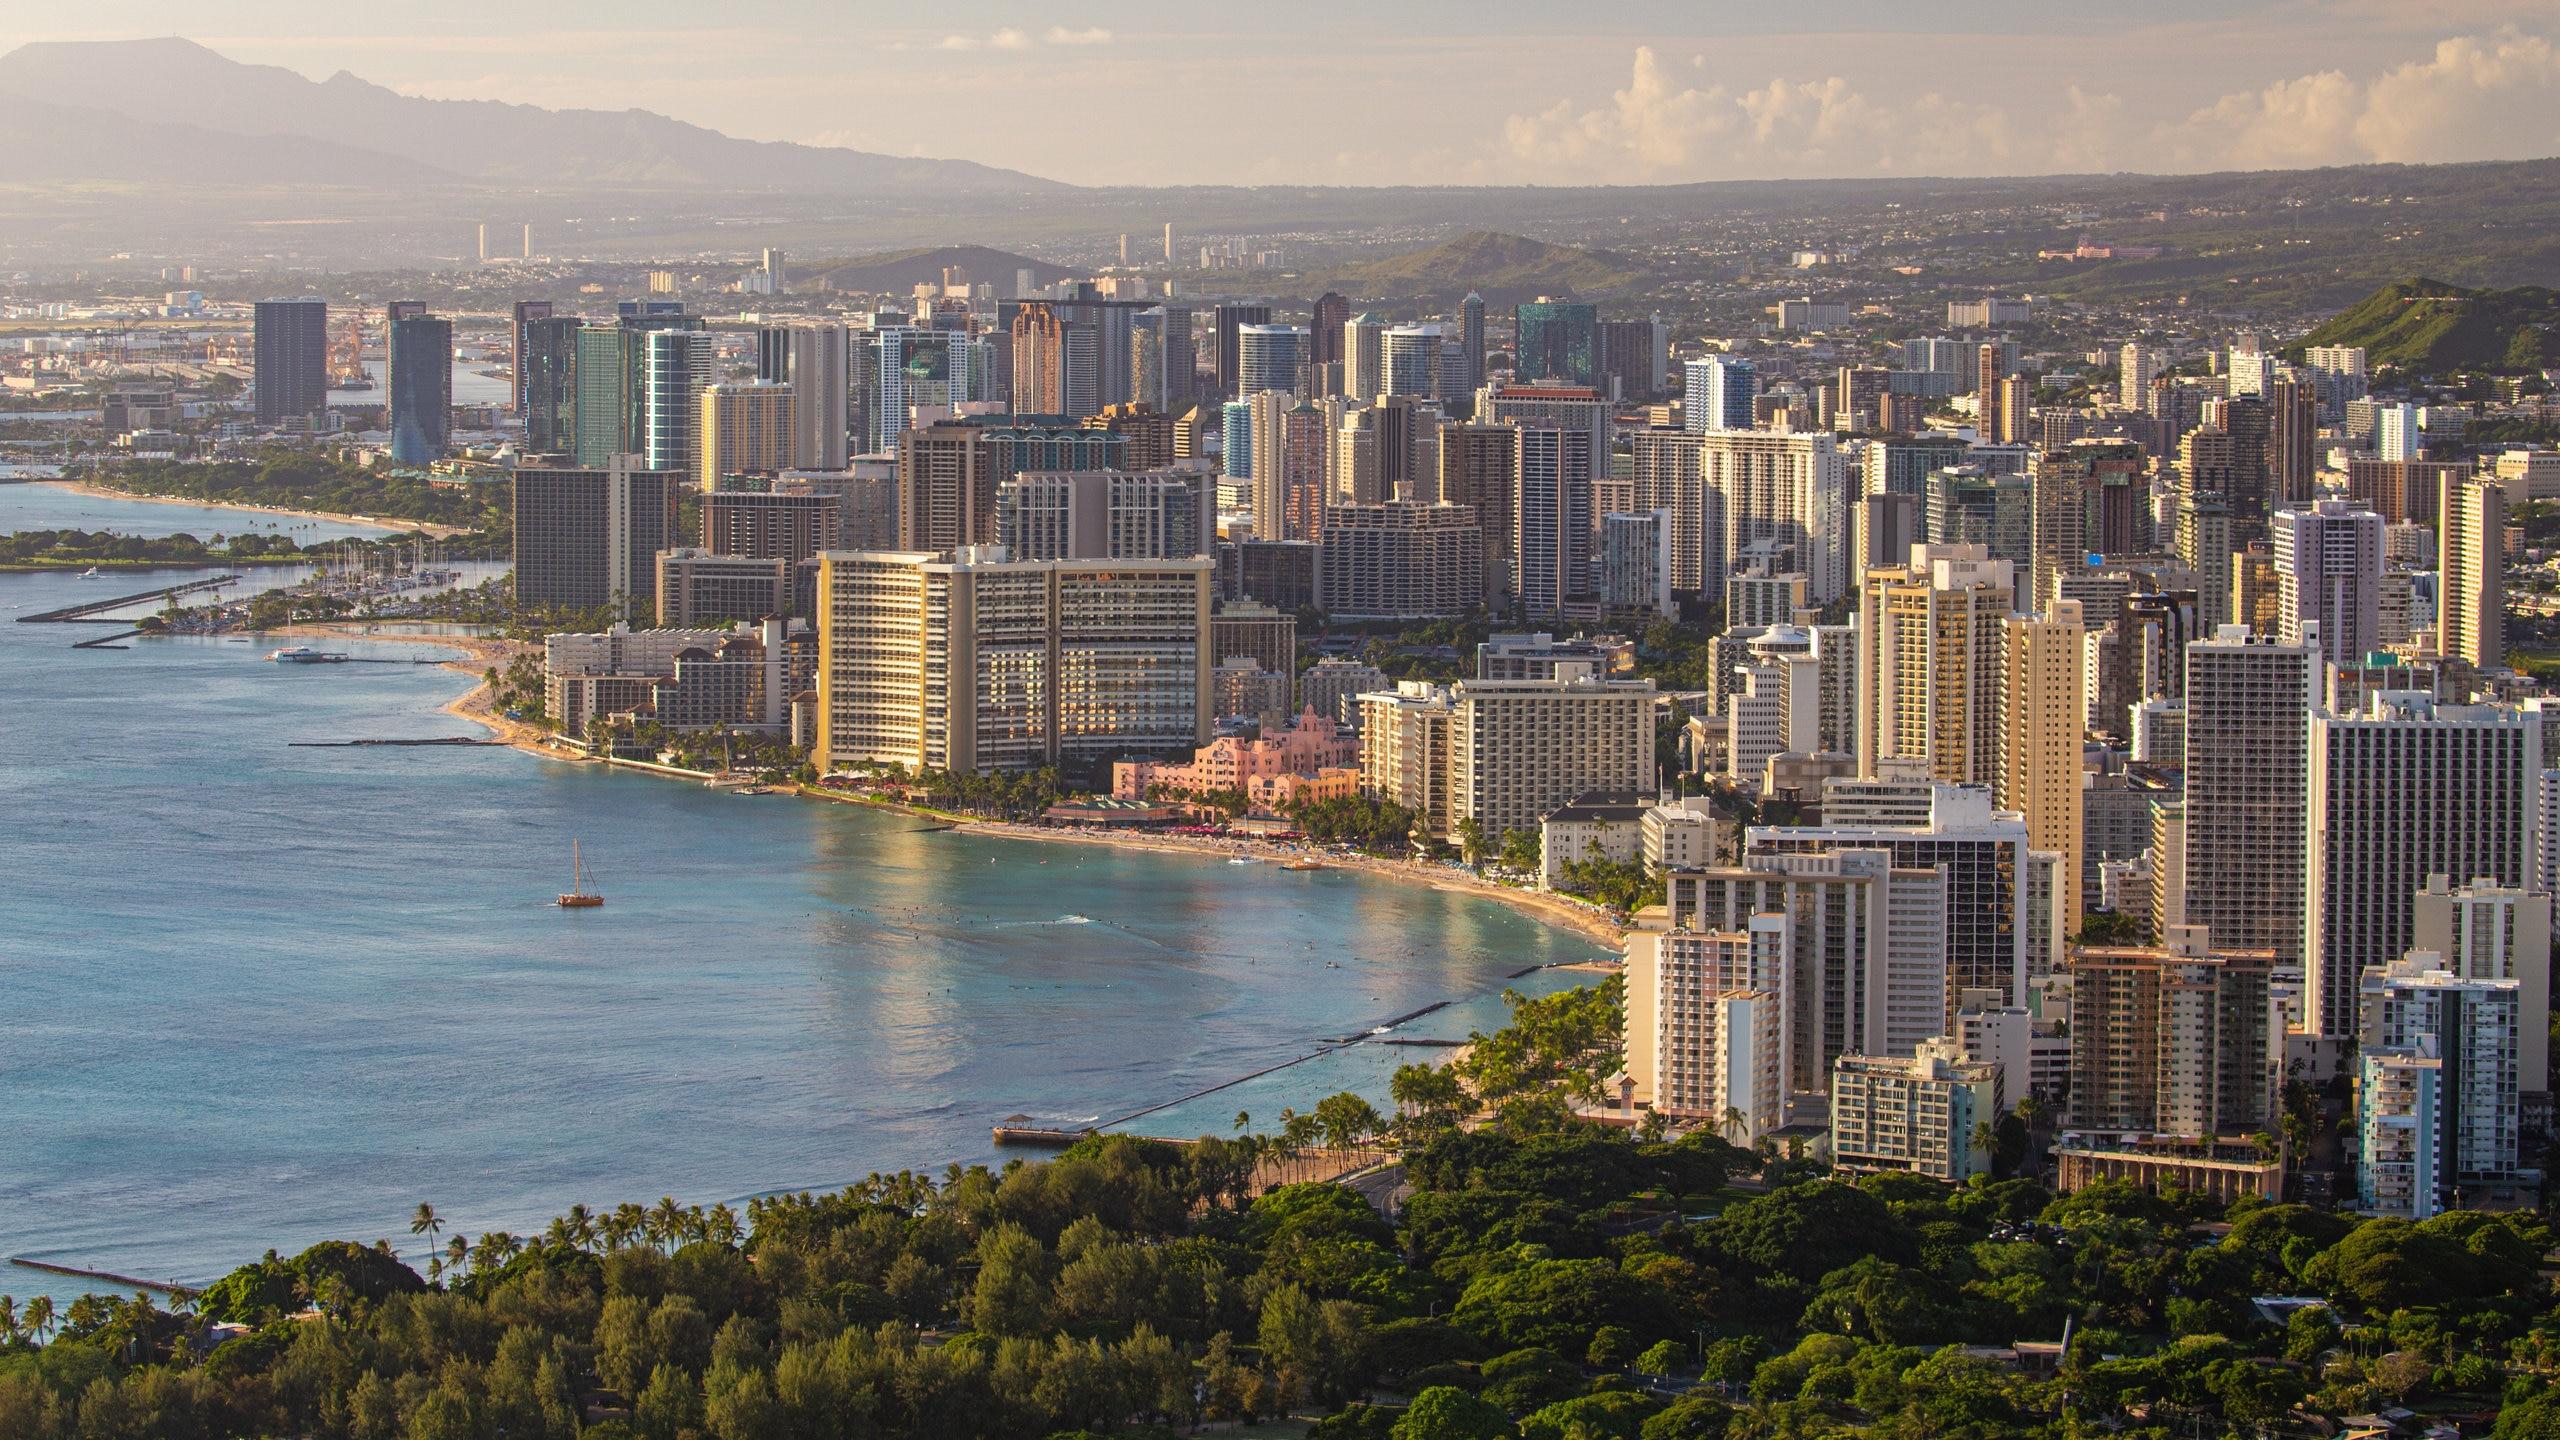 Diamond Head - Kapahulu - St. Louis, Honolulu, Hawaii, United States of America